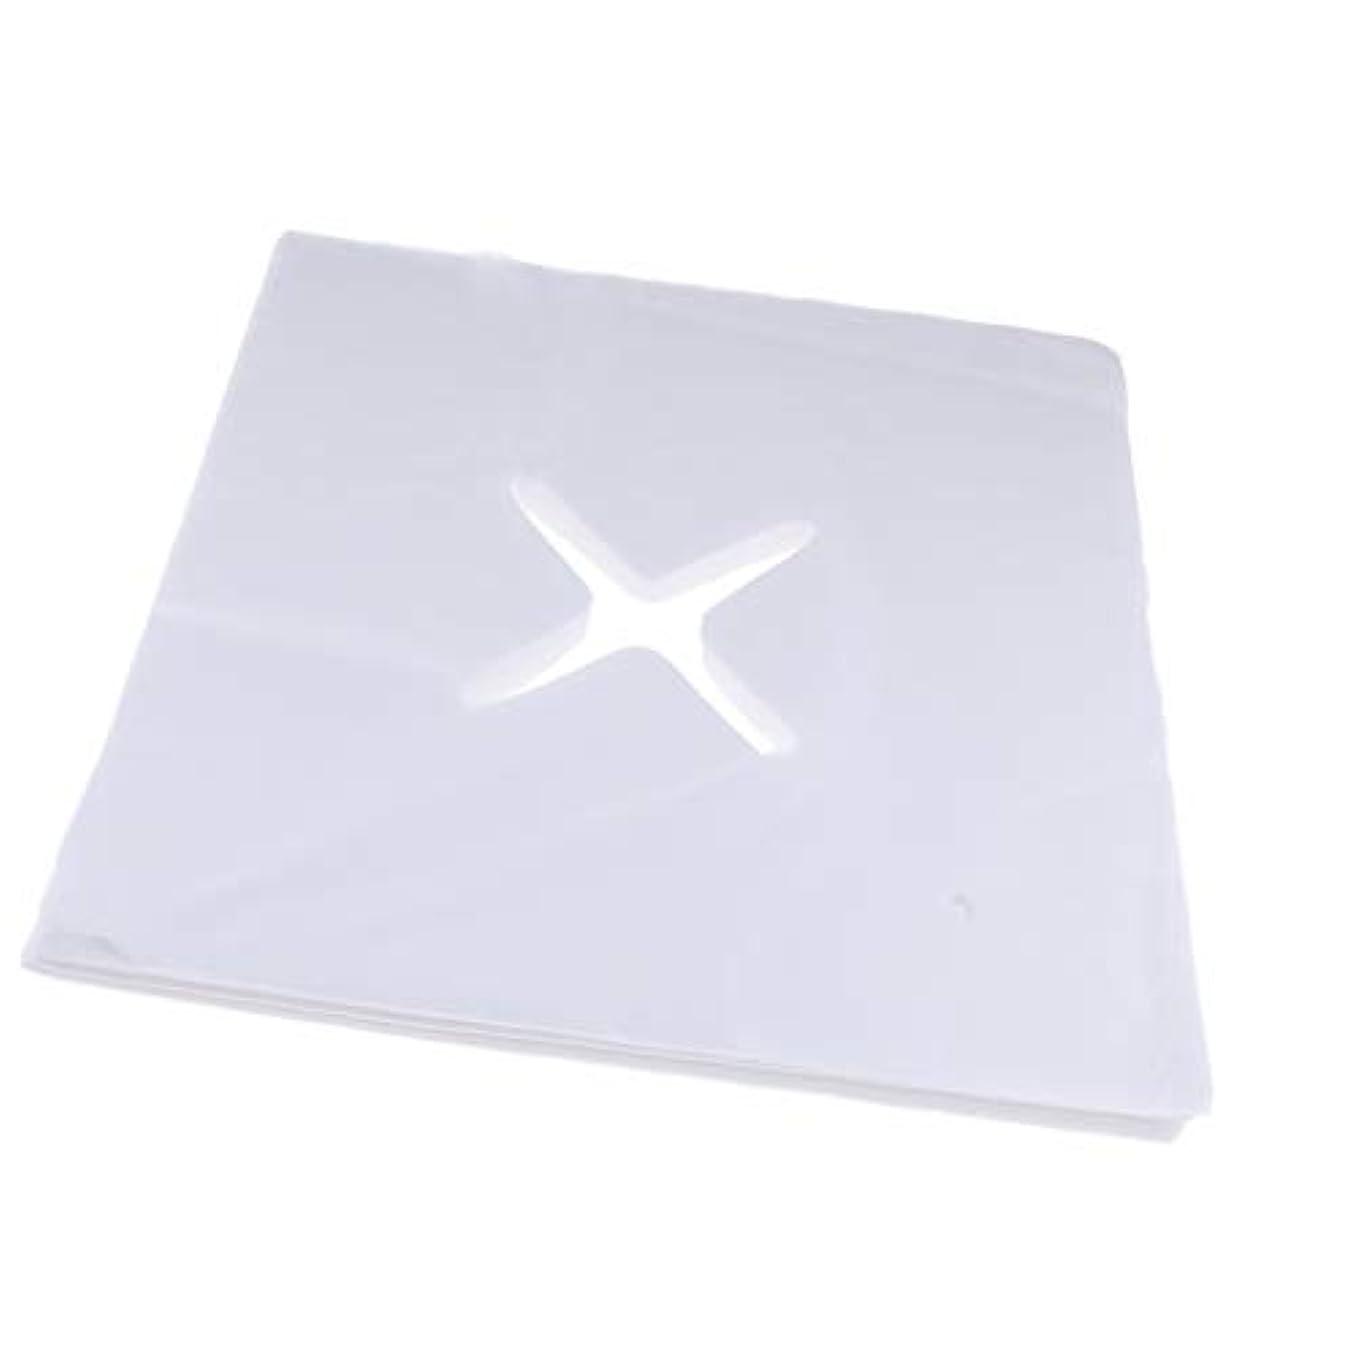 民主主義幸運吸収する約200枚 十字カット 使い捨て ピローシート フェイスカバー 枕カバー クッション S/M - L